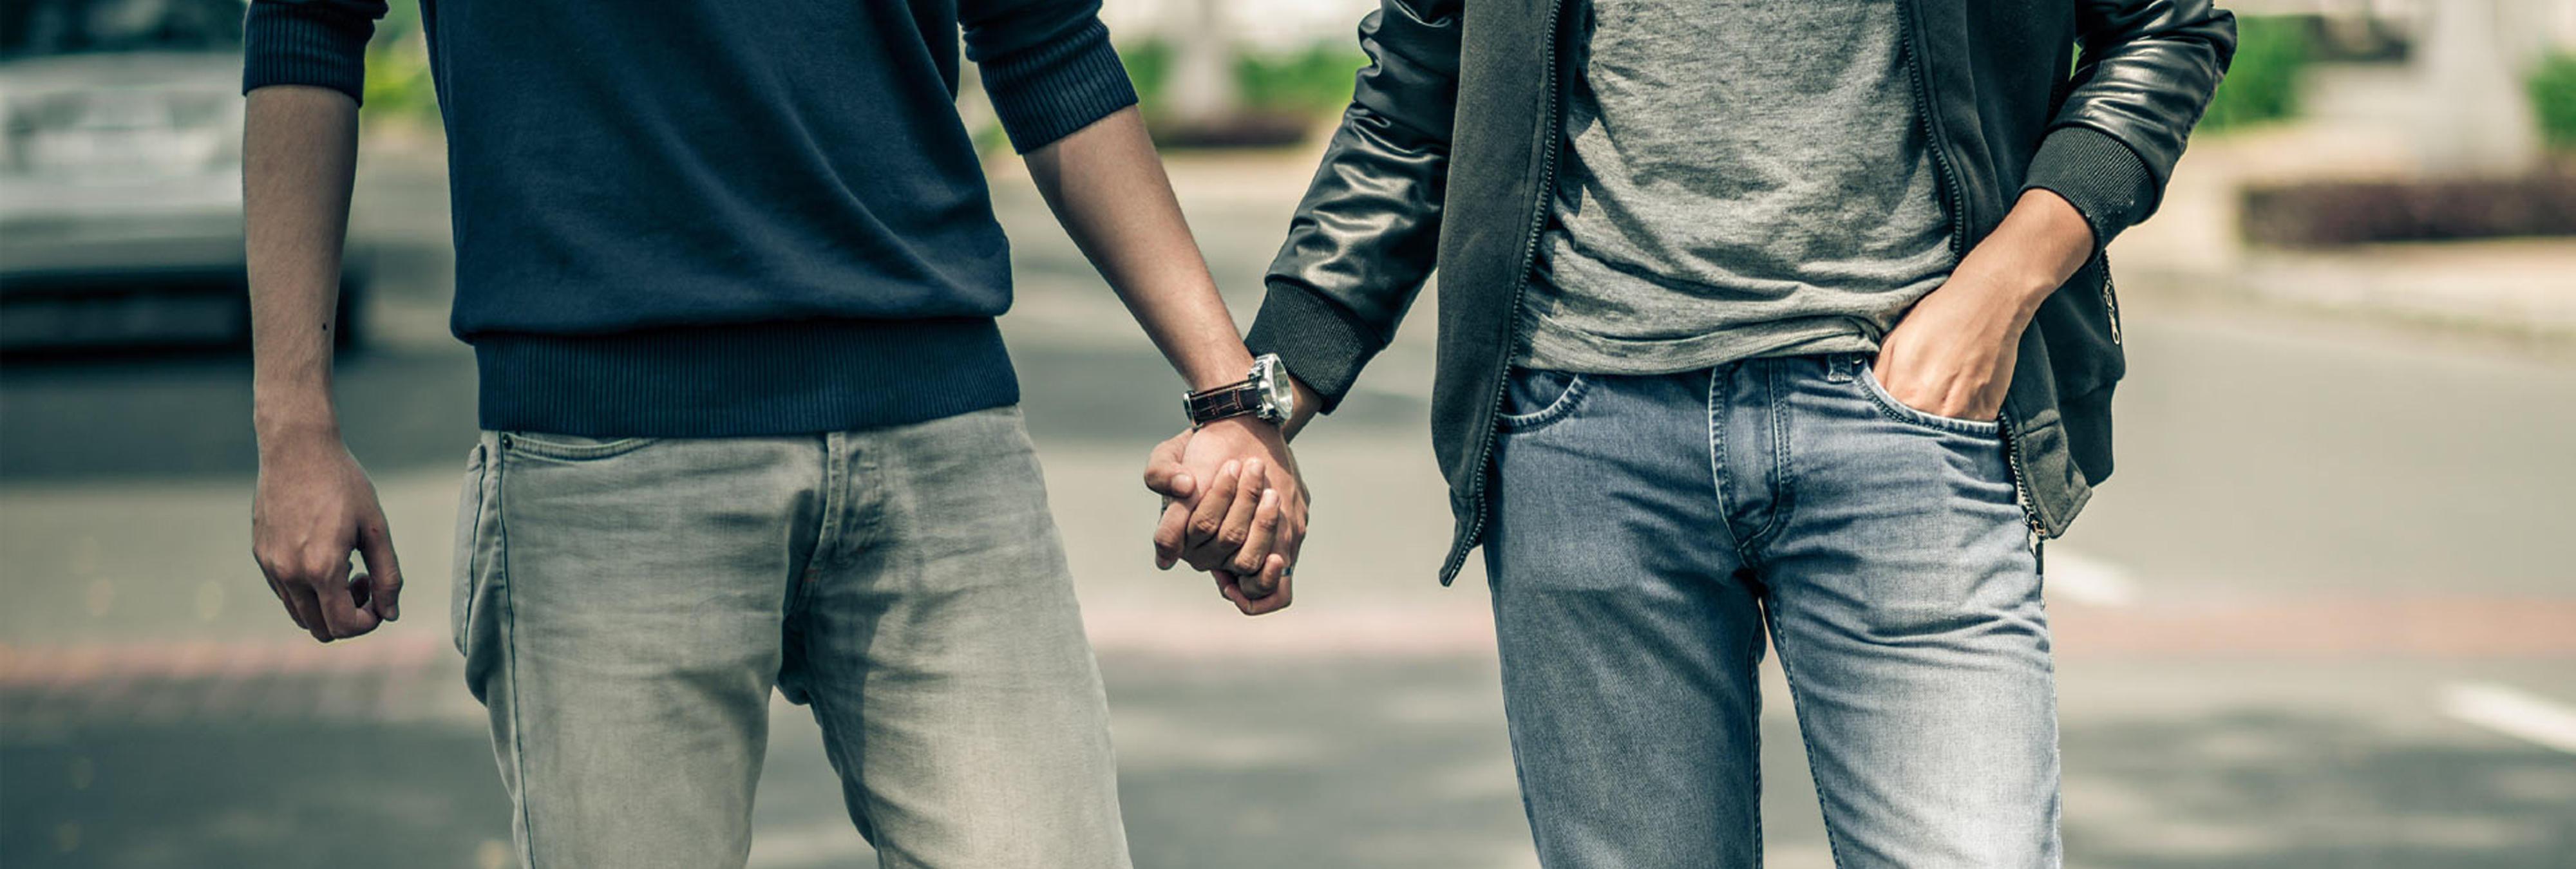 Un periódico australiano la lía al decir que la homosexualidad es un problema de salud